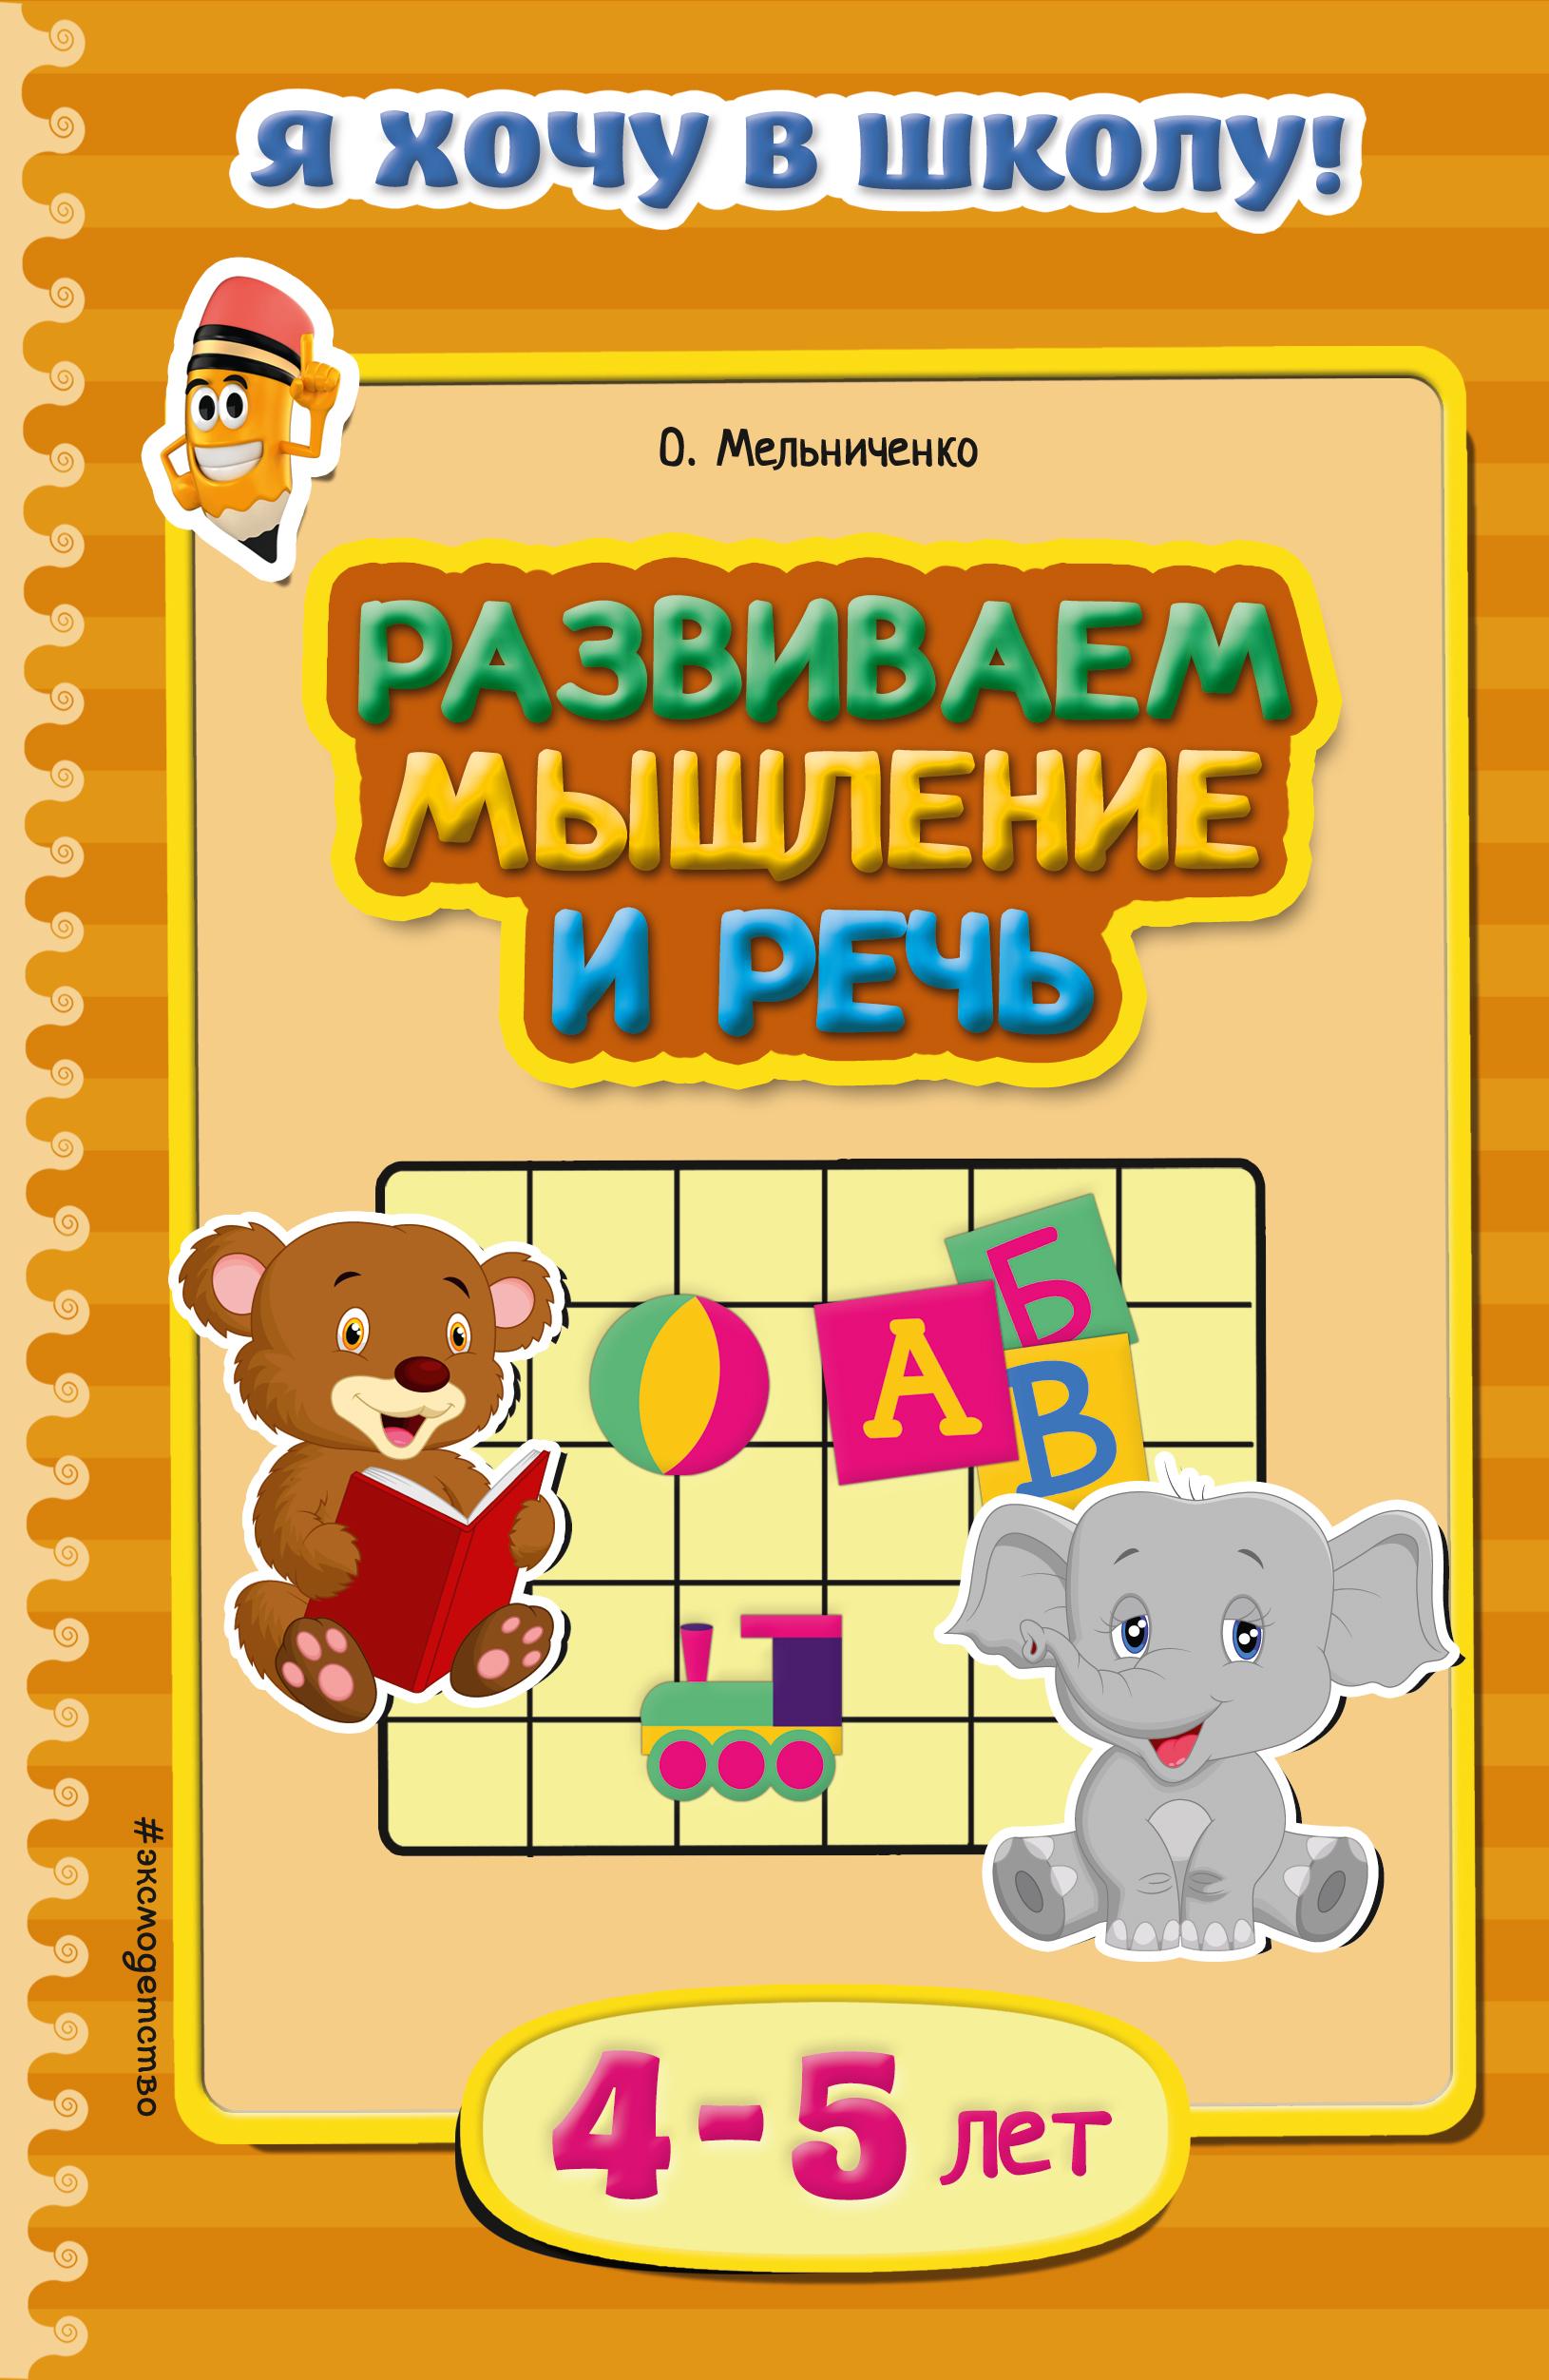 Развиваем мышление и речь: для детей 4-5 лет